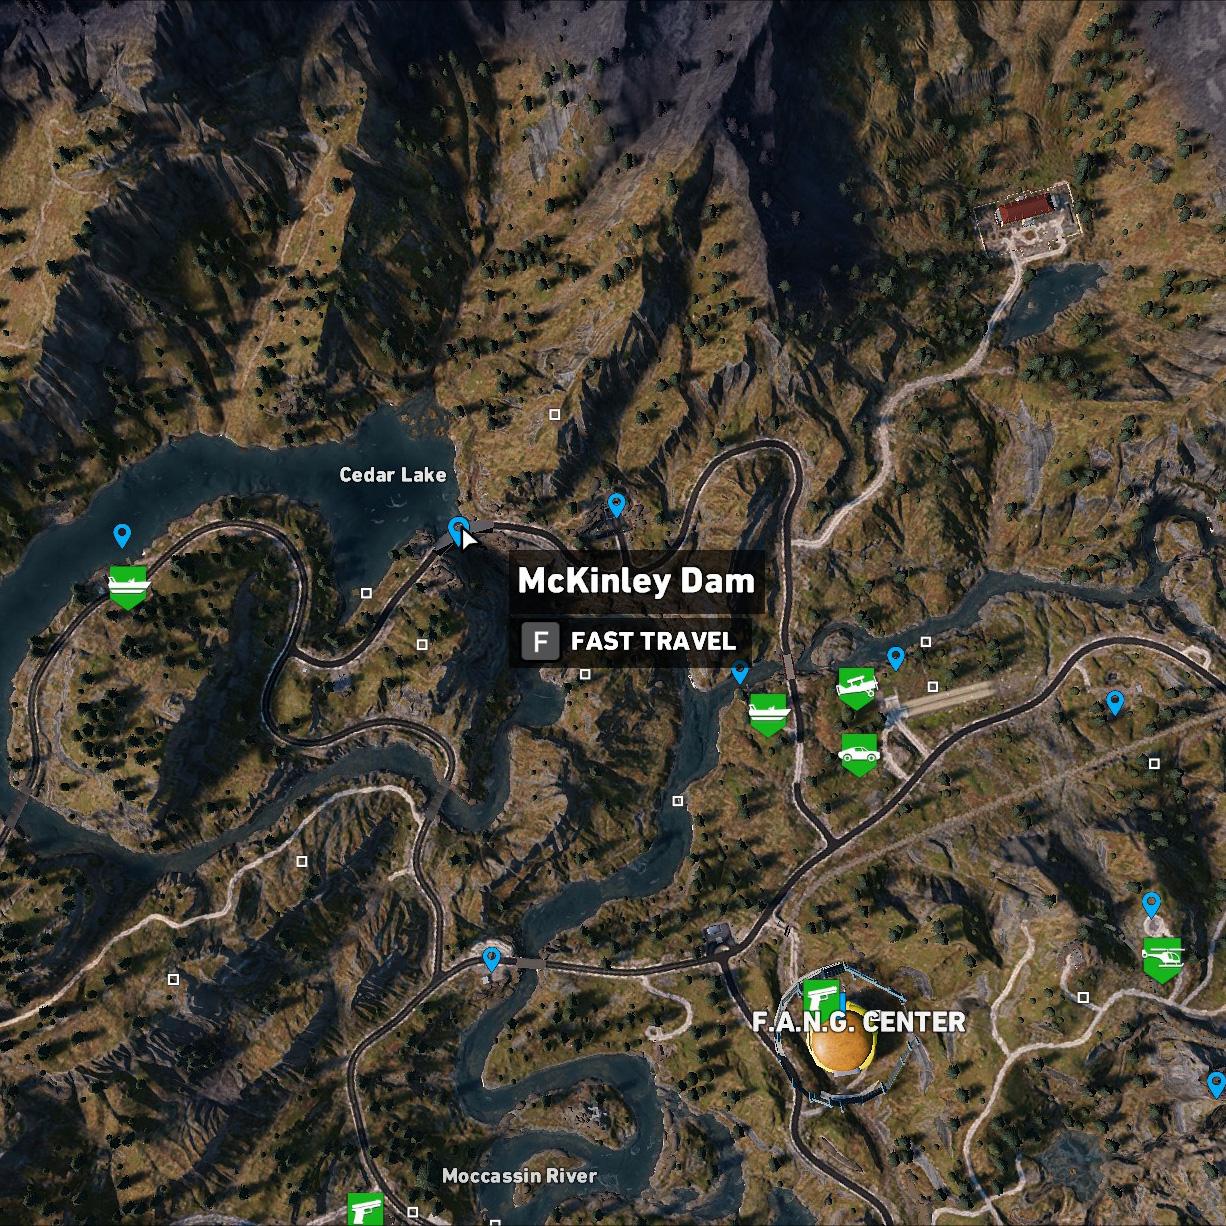 McKinley Dam